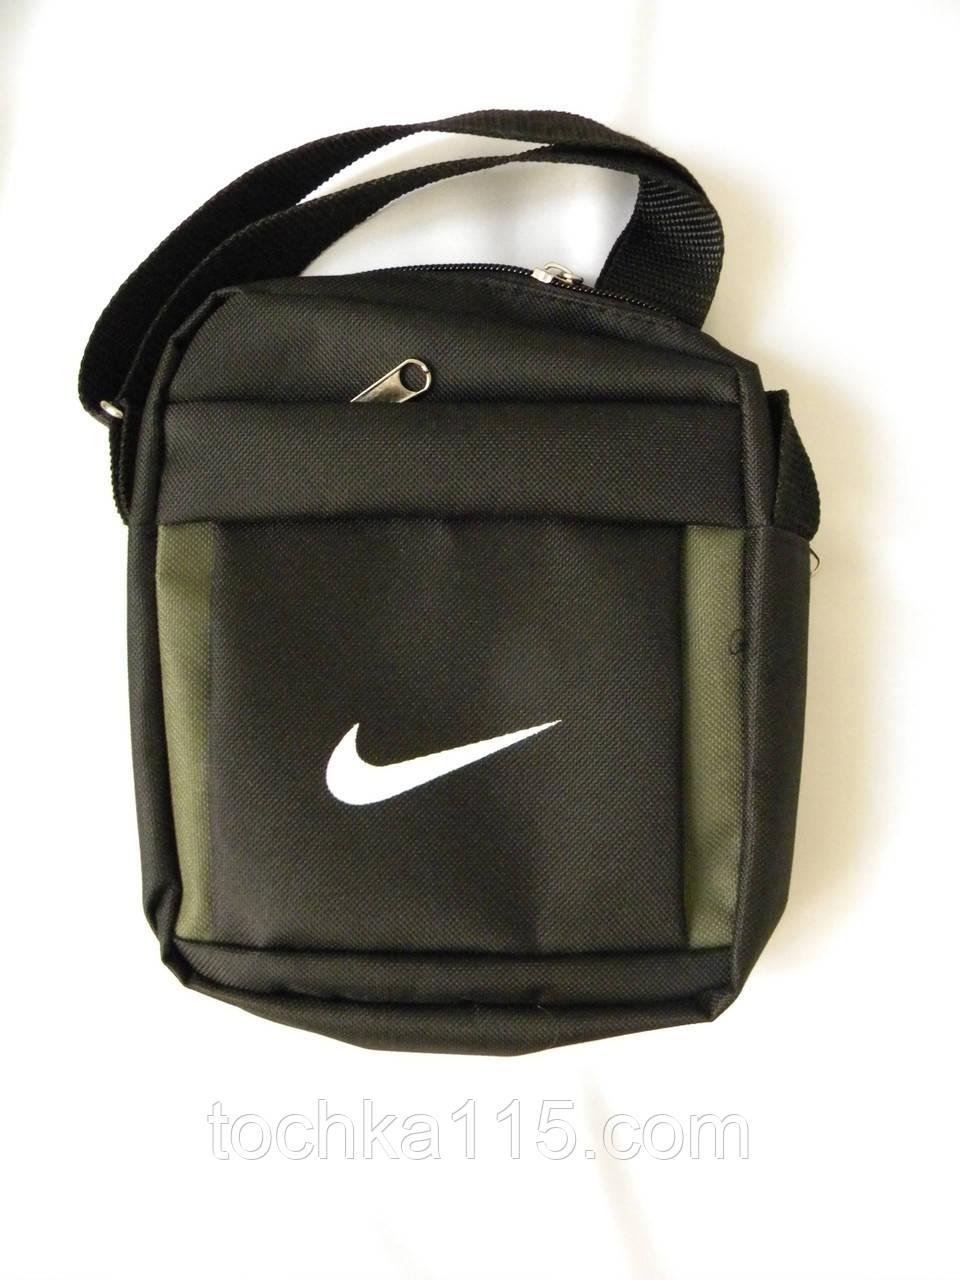 c8e13018179c Мужская сумка через плече Nike, чоловiчi сумки Найк, молодежная сумка через  плече, сумка